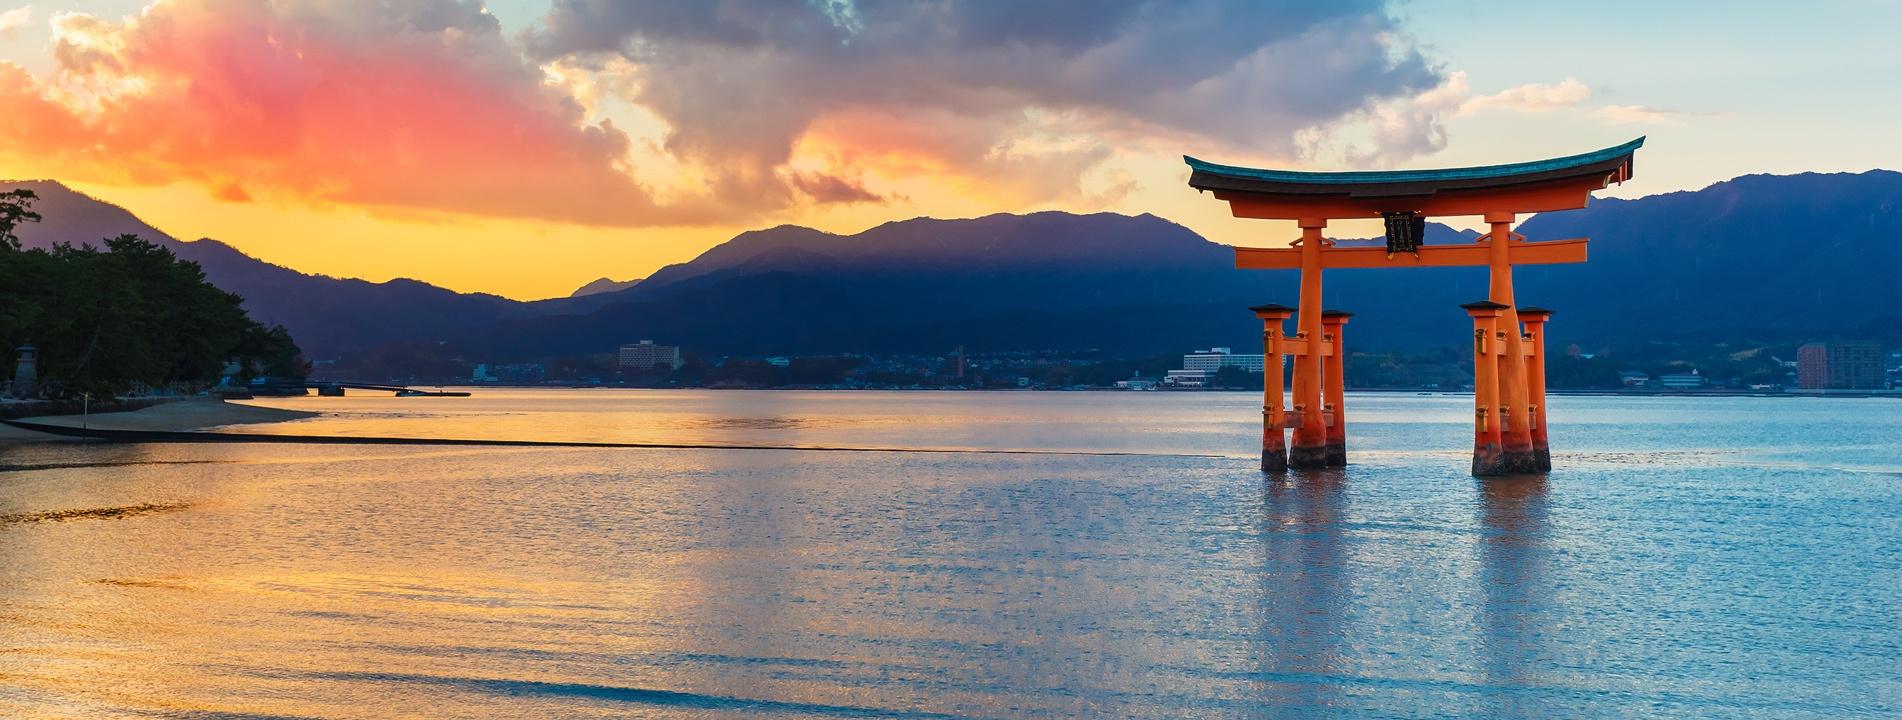 Japan Tours Unique Culture And Tailormade Travel - Japan tours